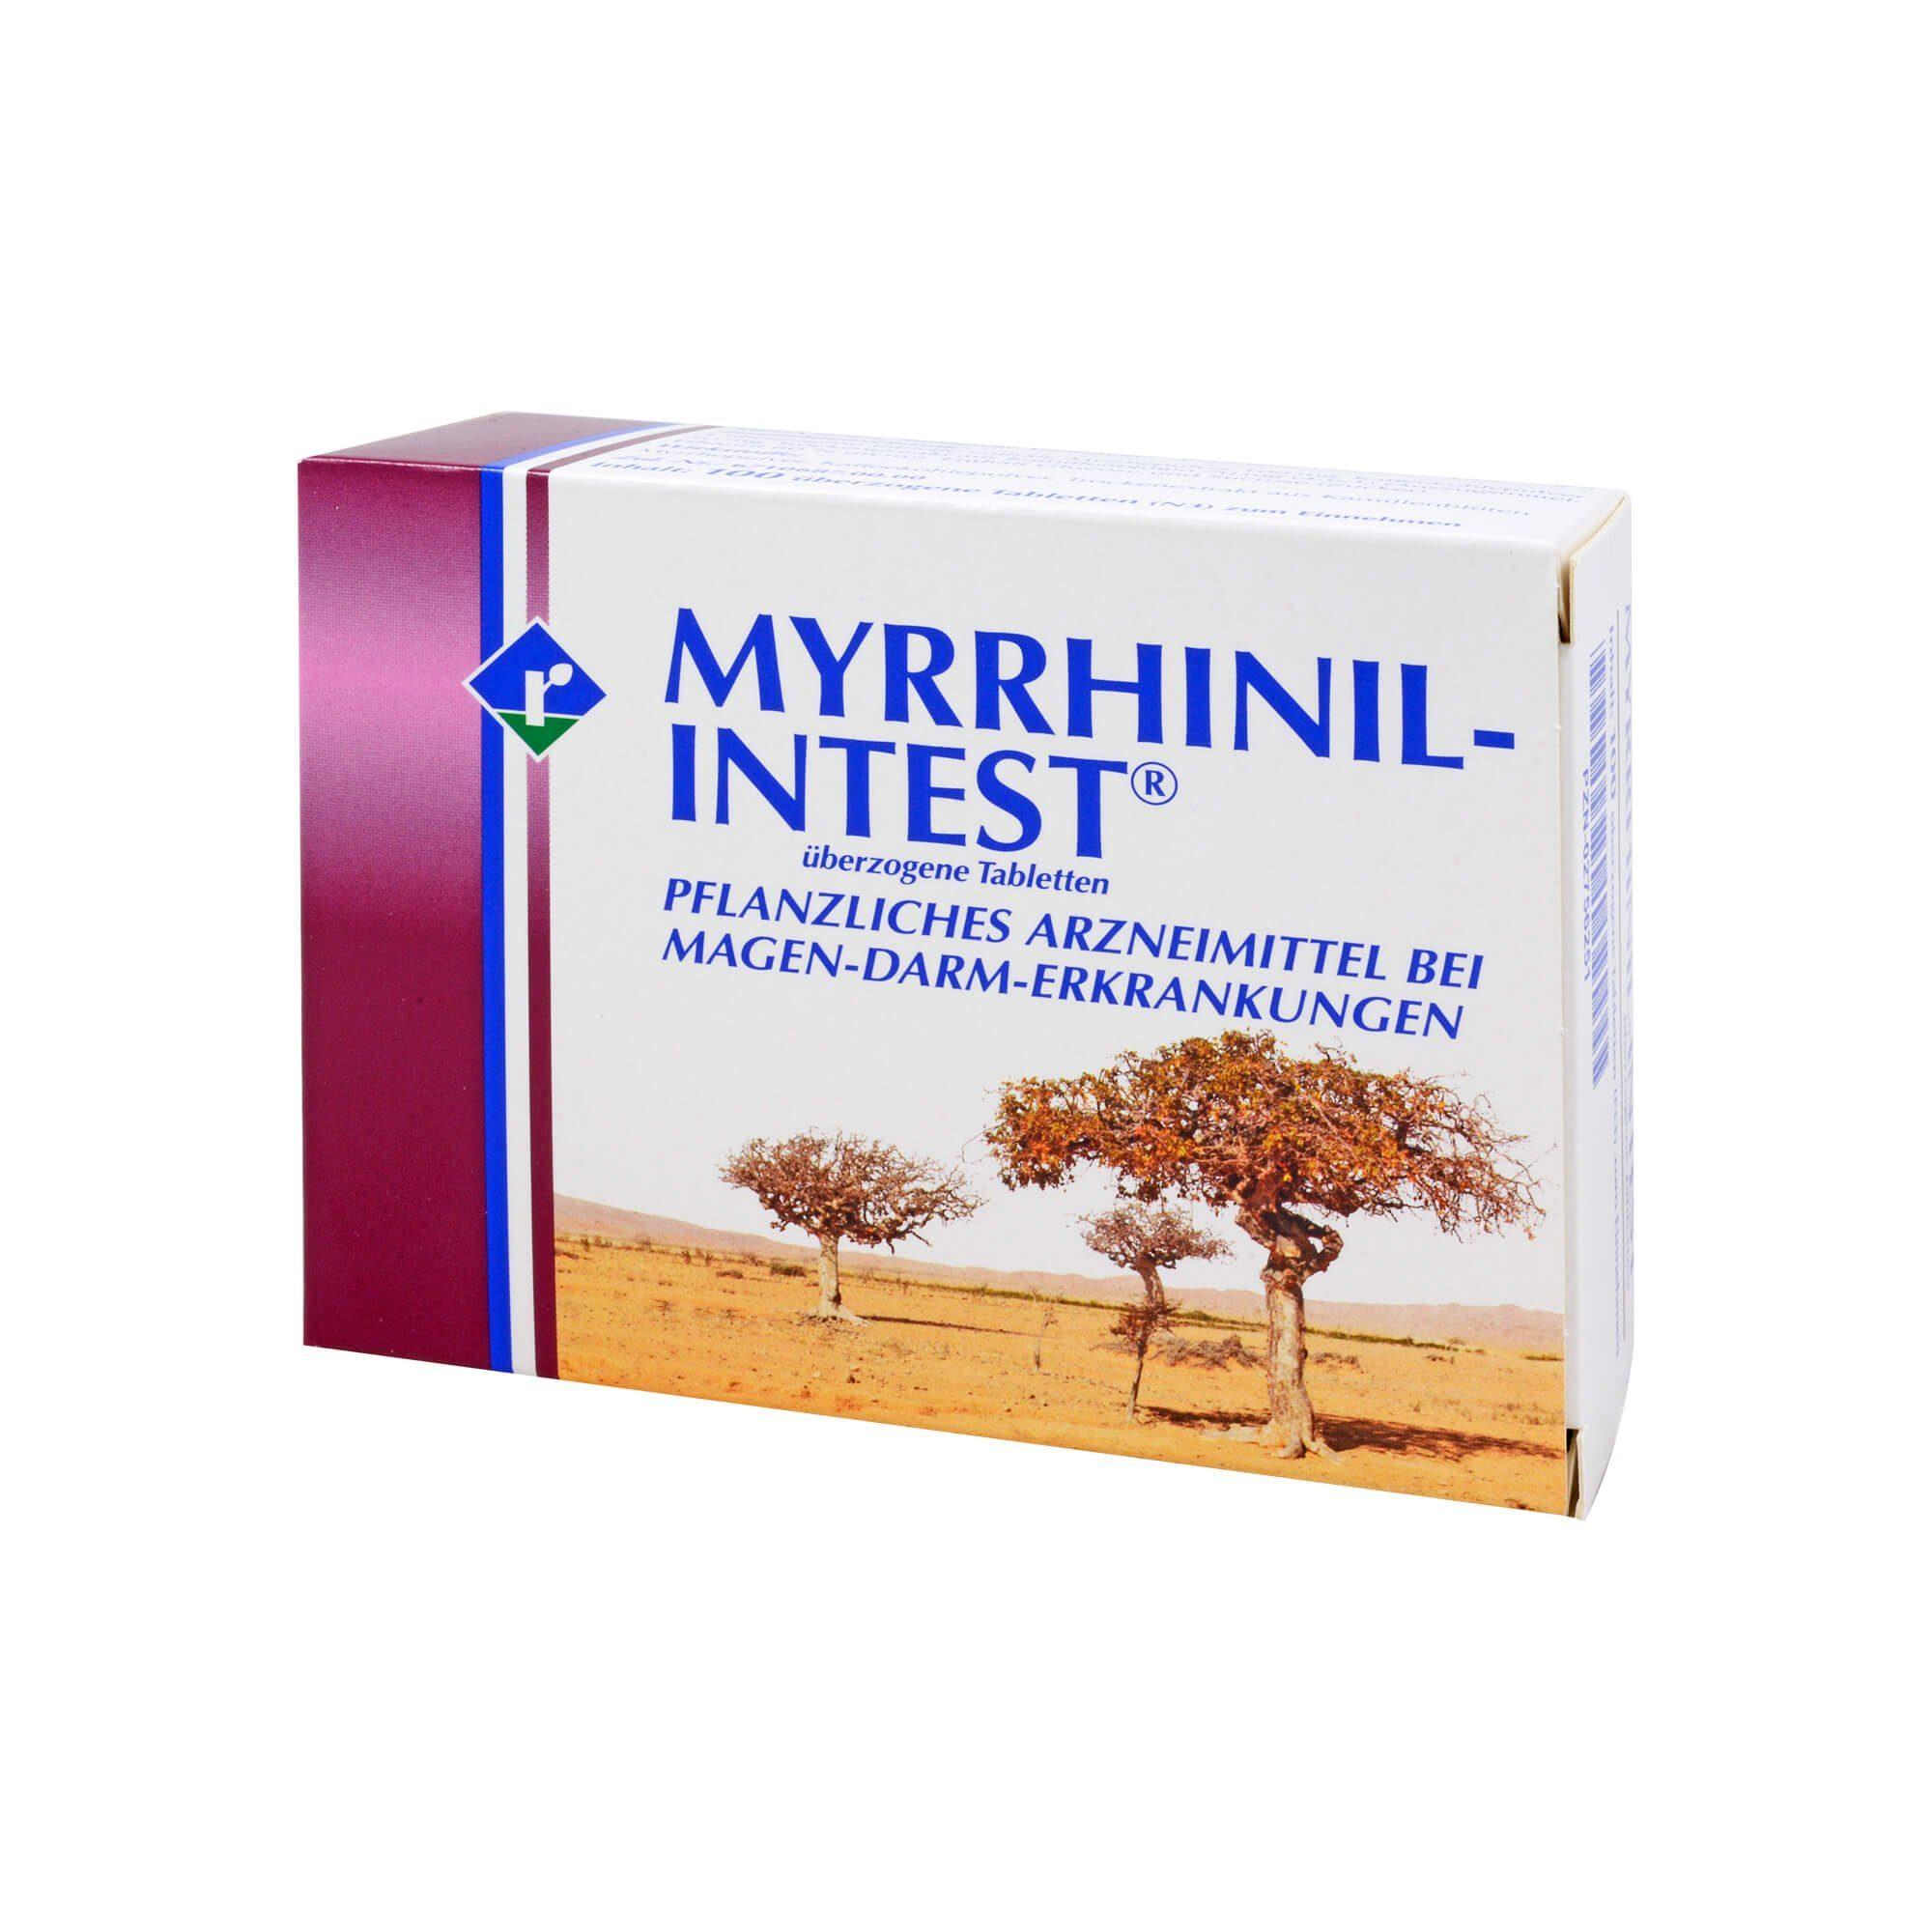 Myrrhinil Intest Überzogene Tabletten , 100 St